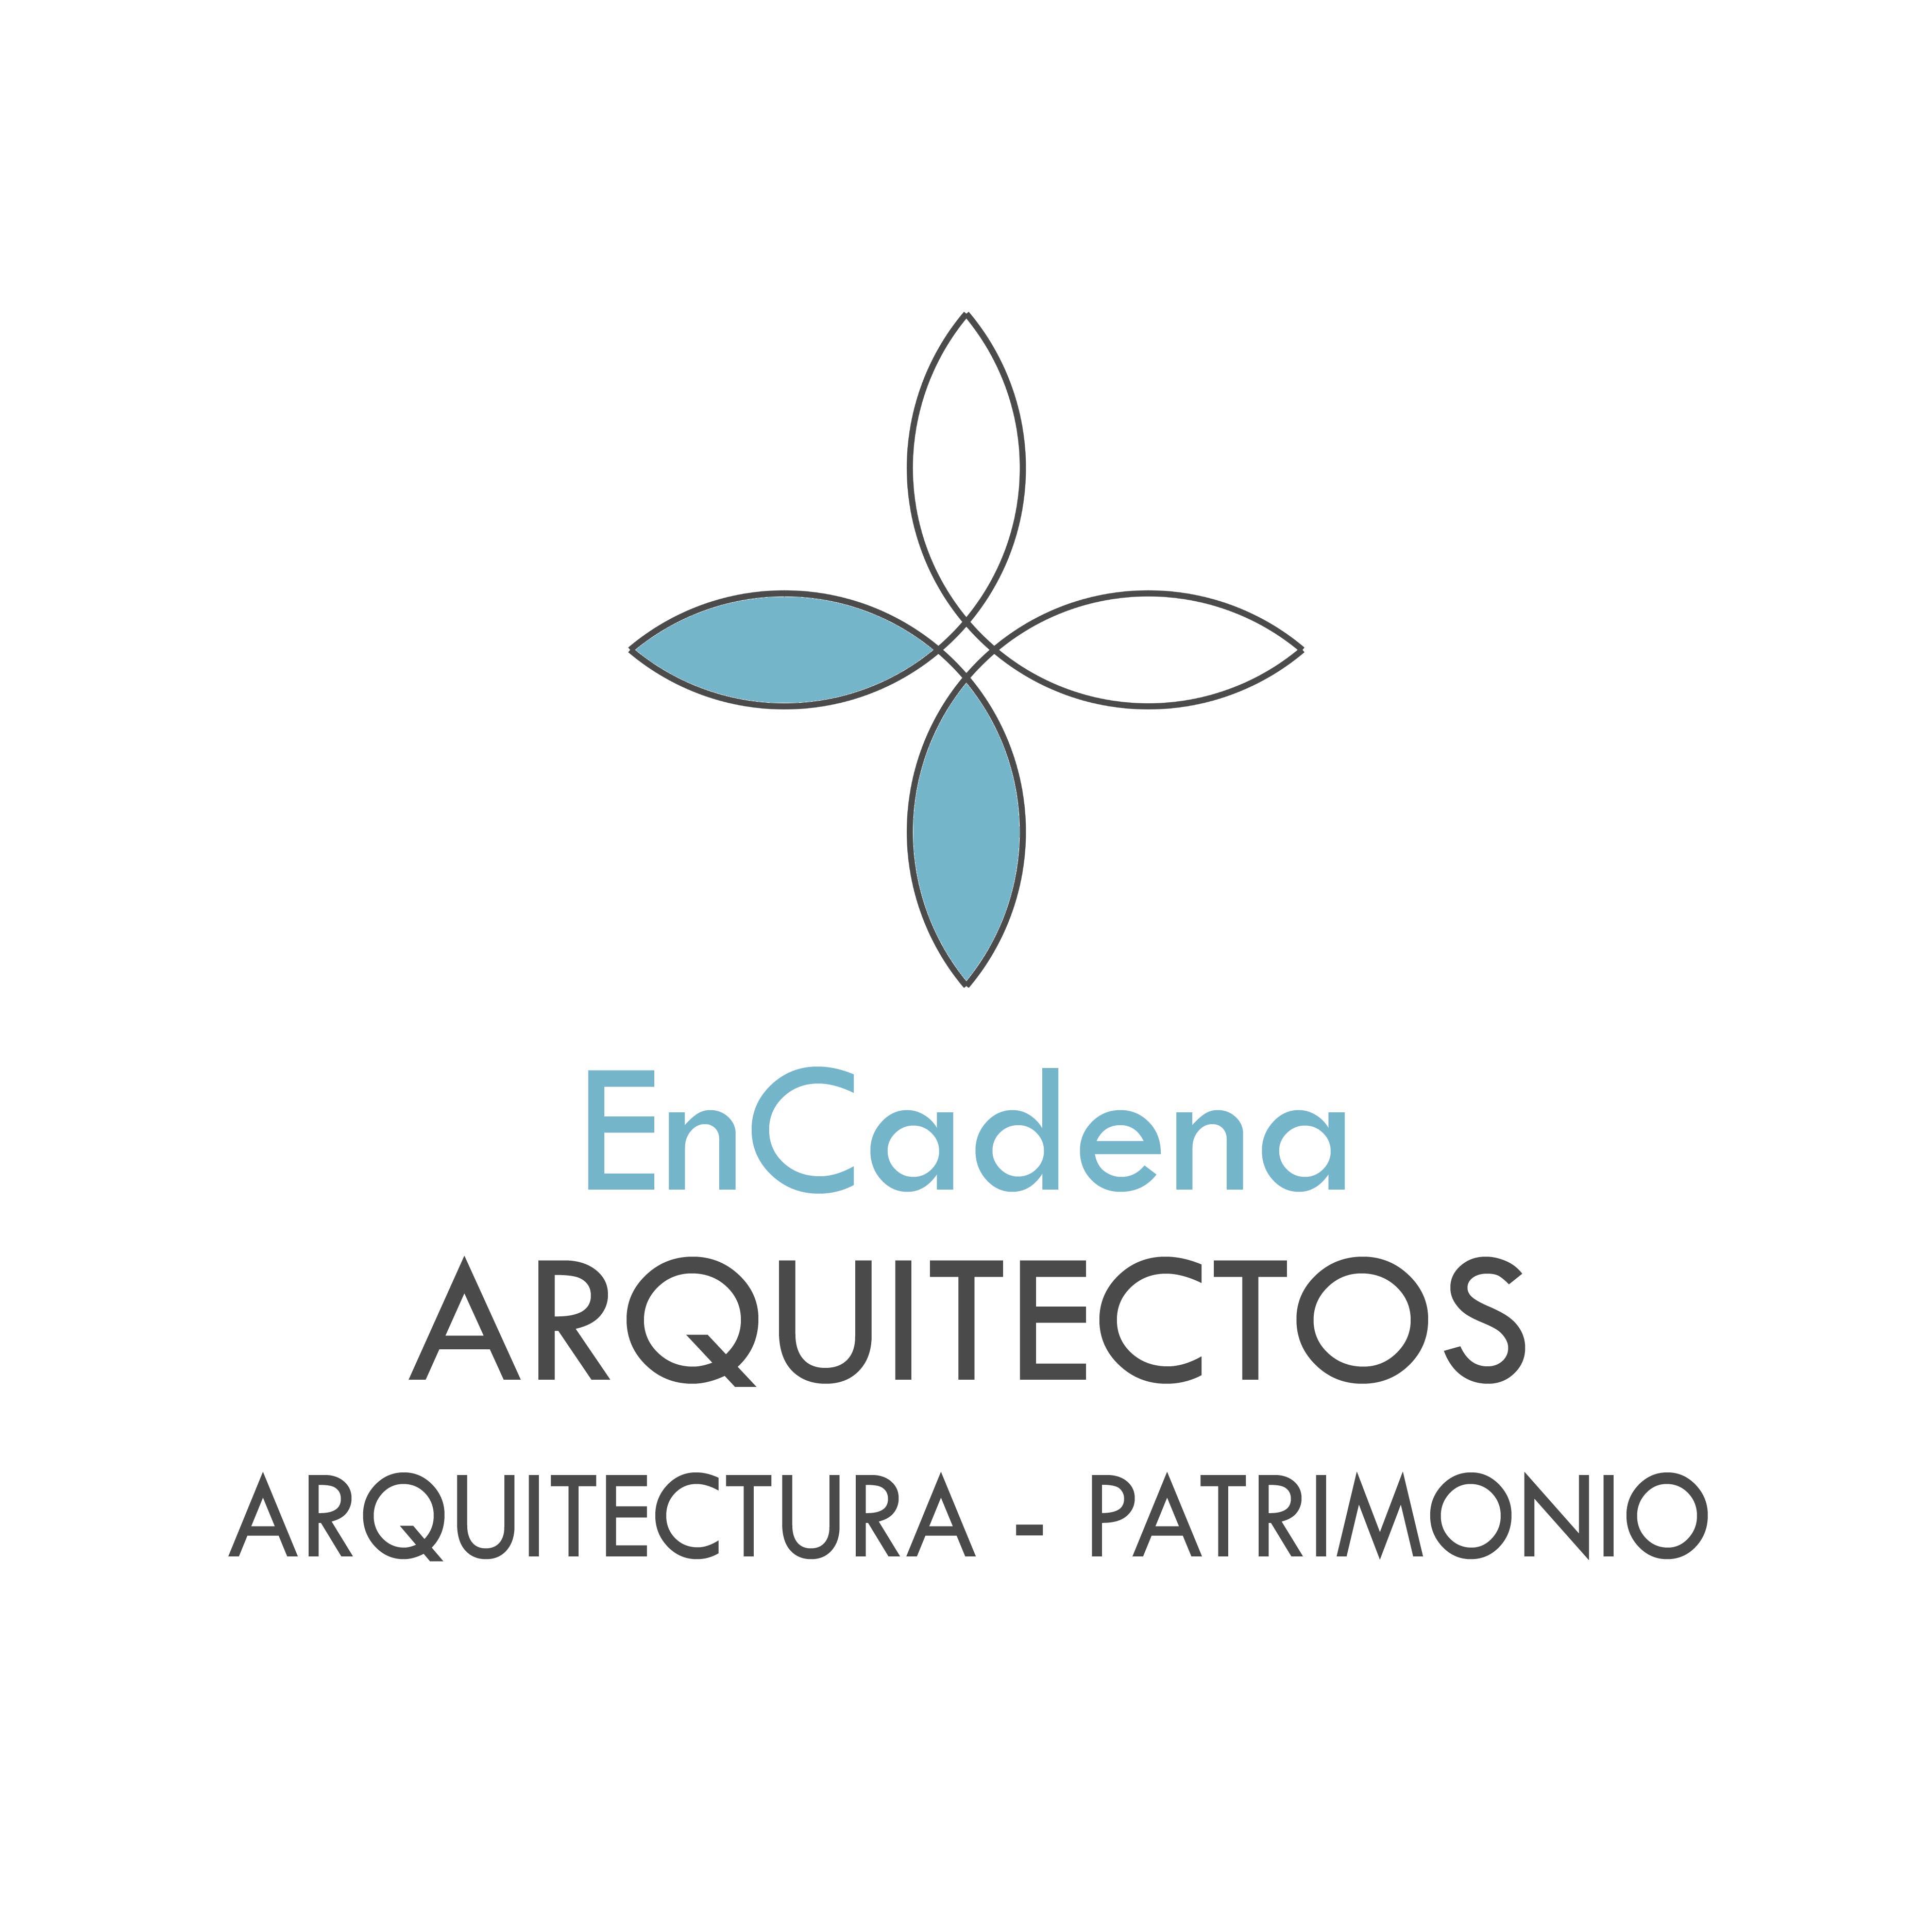 EnCadena ARQUITECTOS